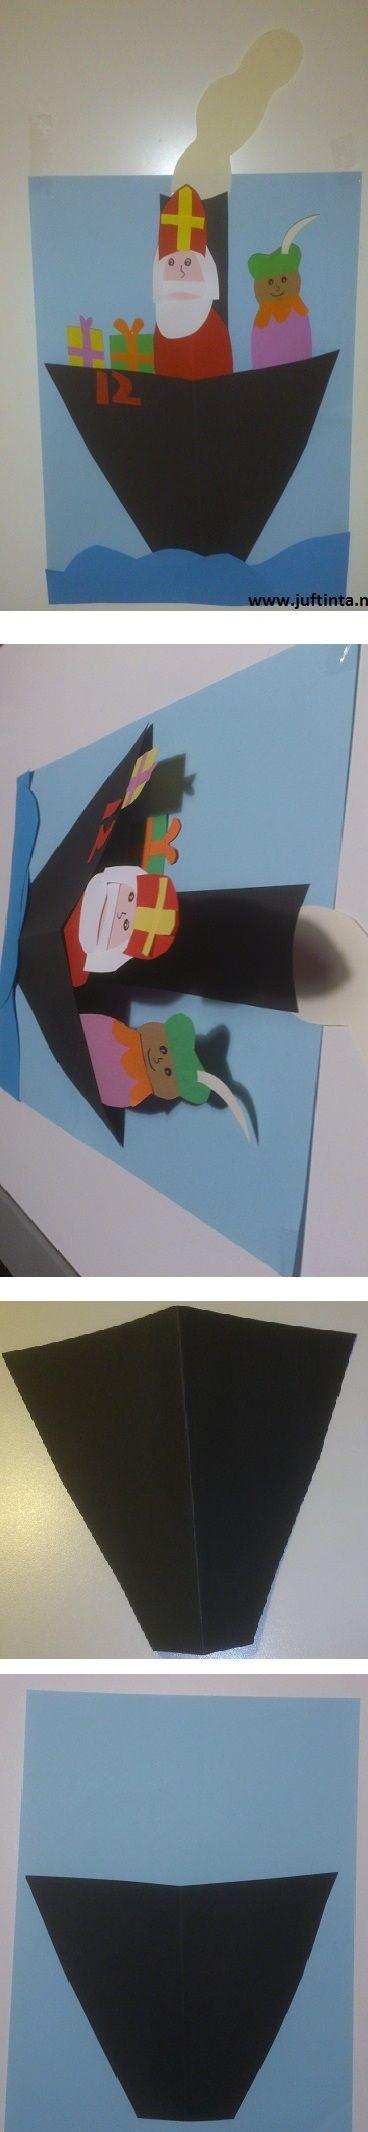 Deze stoomboot van Sinterklaas is 2 dimensionaal. Teken eerst de vorm van de voorkant van de stoomboot op zwart papier en knip deze uit. Plak deze met de onderkant en de zijkanten vast op je papier. Doe dit zo dat de voorkant van de boot naar voren staat. Zie de voorbeeldjes onder het knutselwerkje. Nu …